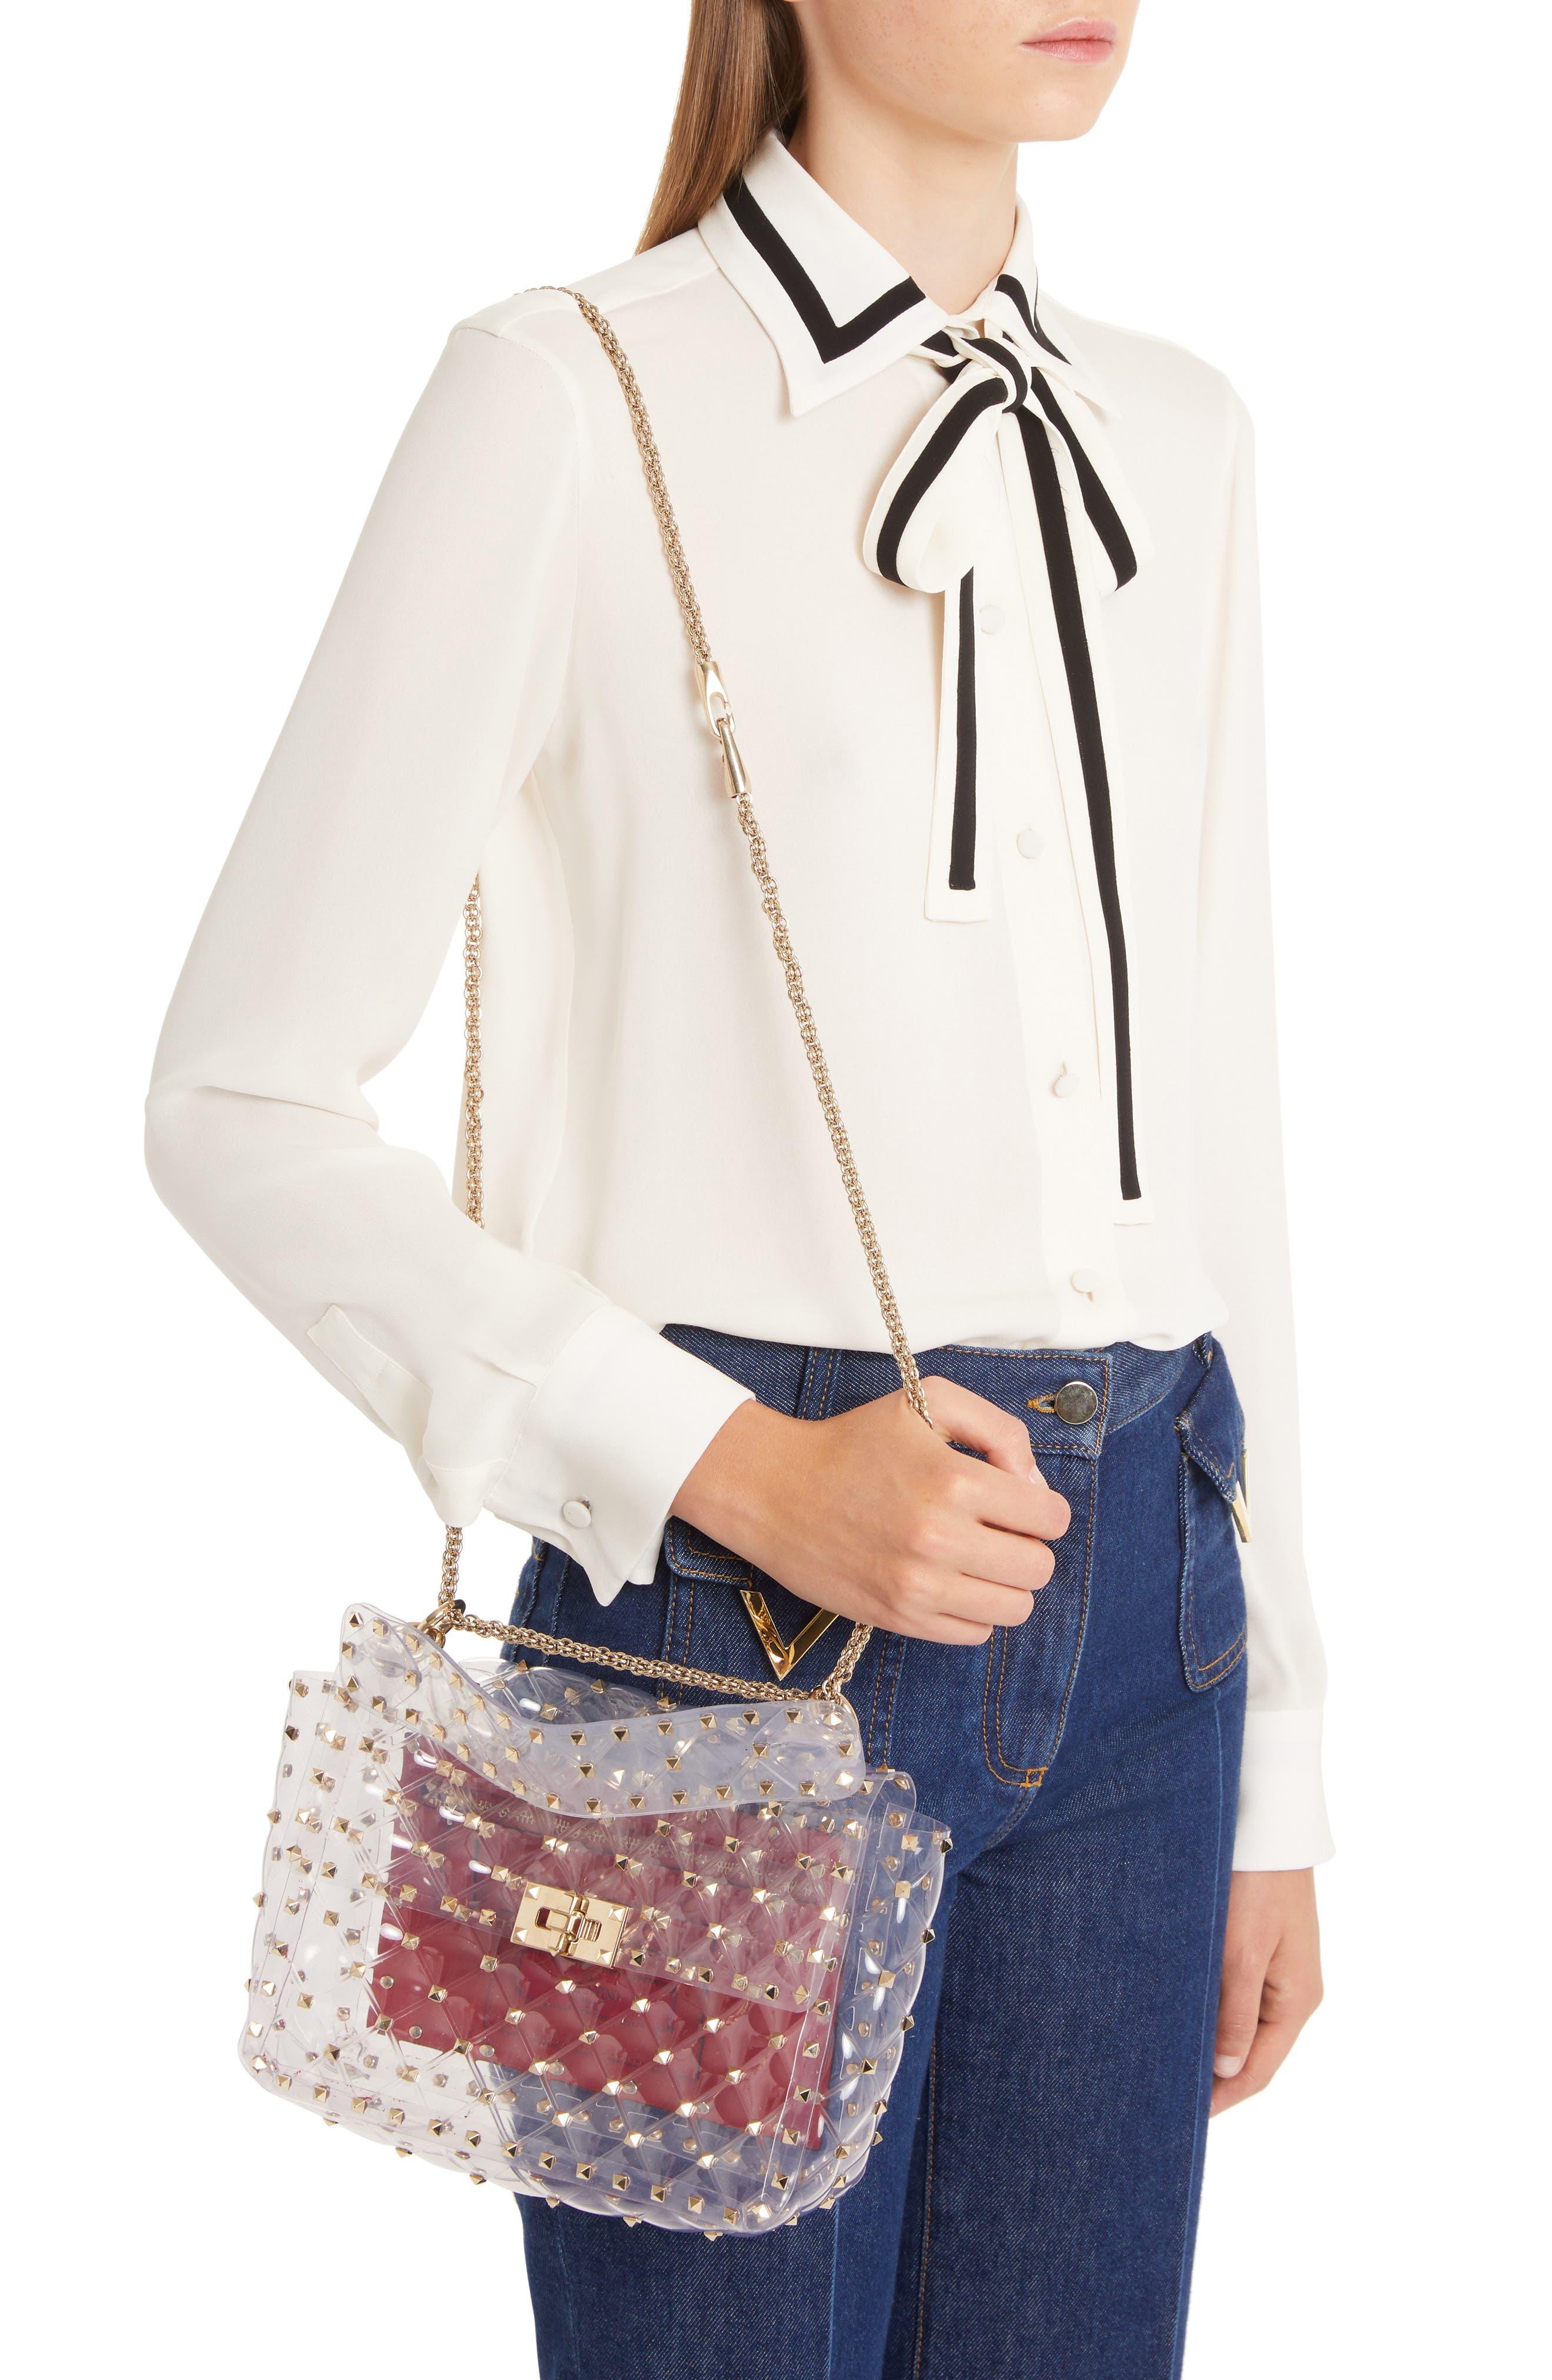 Rockstud Transparent Shoulder Bag,                             Alternate thumbnail 2, color,                             TRASPARENTE/ GOLD